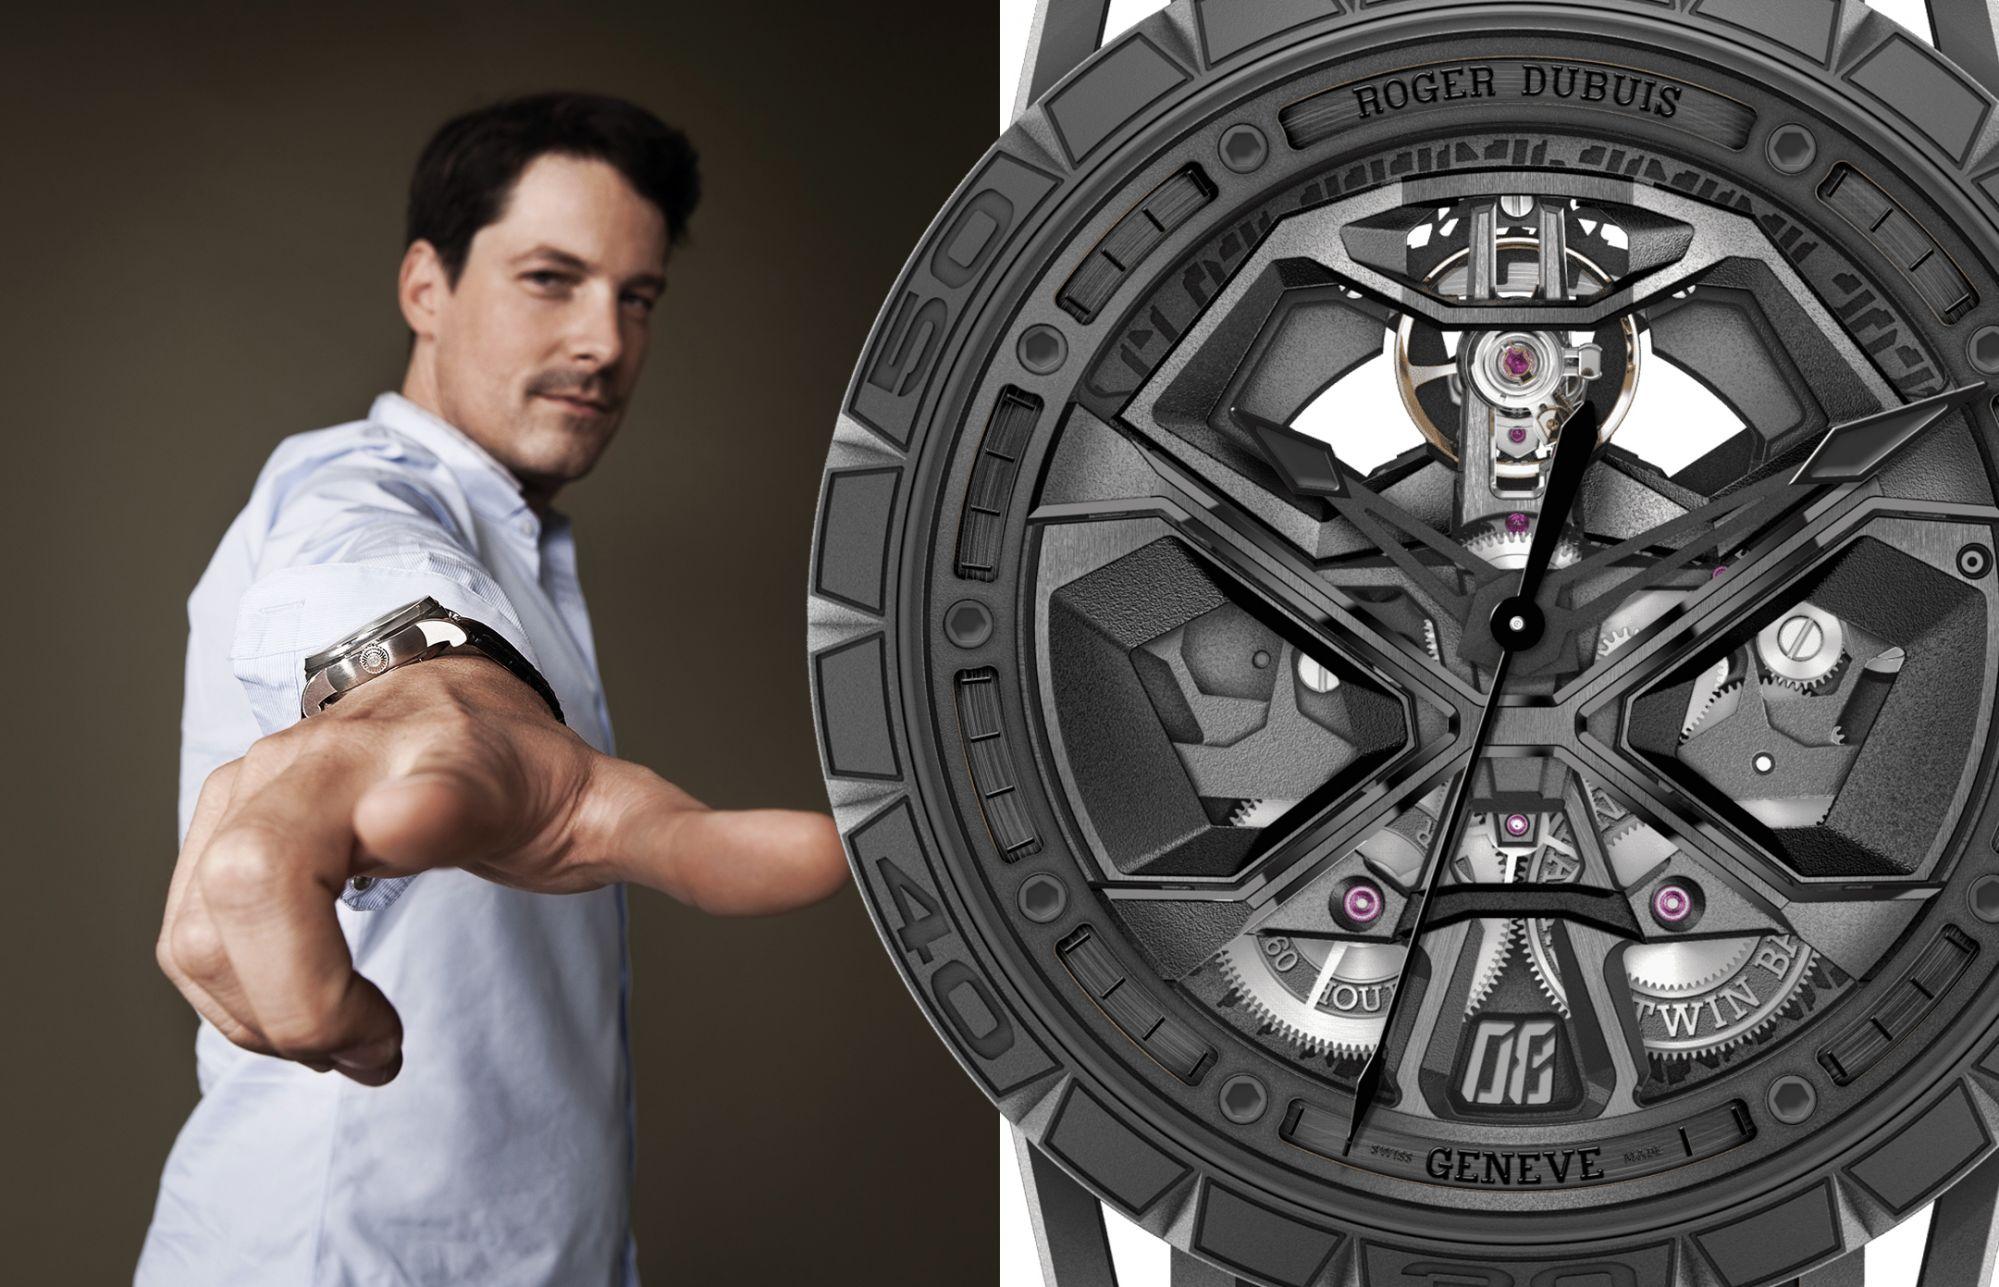 前衛製錶商Roger Dubuis產品策略總監Gregory Bruttin 揭秘與Lamborghini的合作秘辛